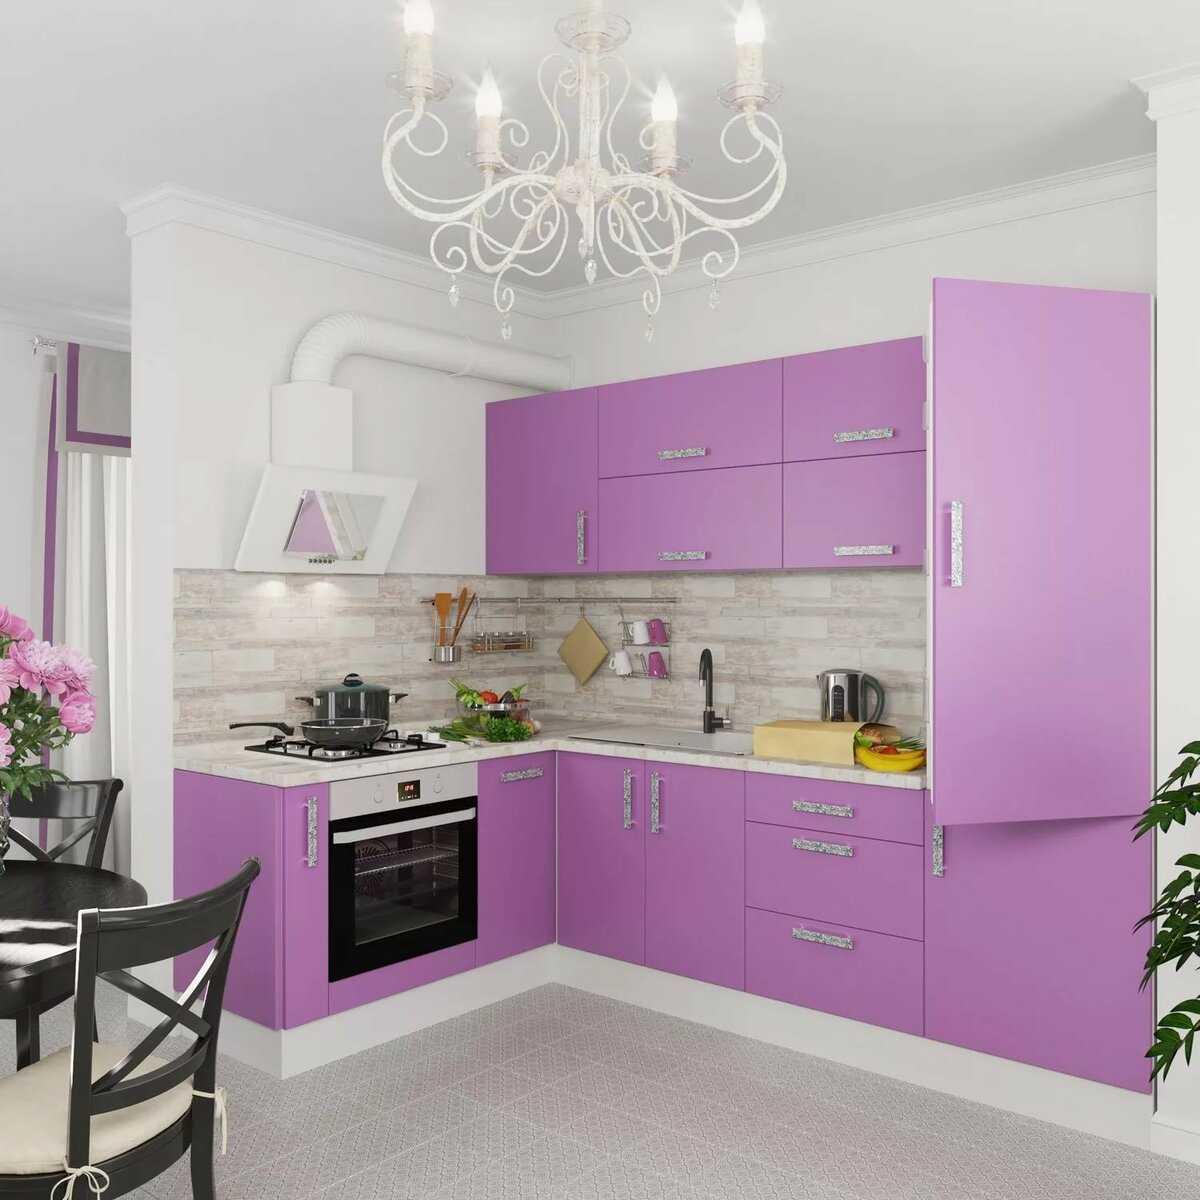 Интерьер фиолетовой кухни: как создать кухню своей мечты со вкусом